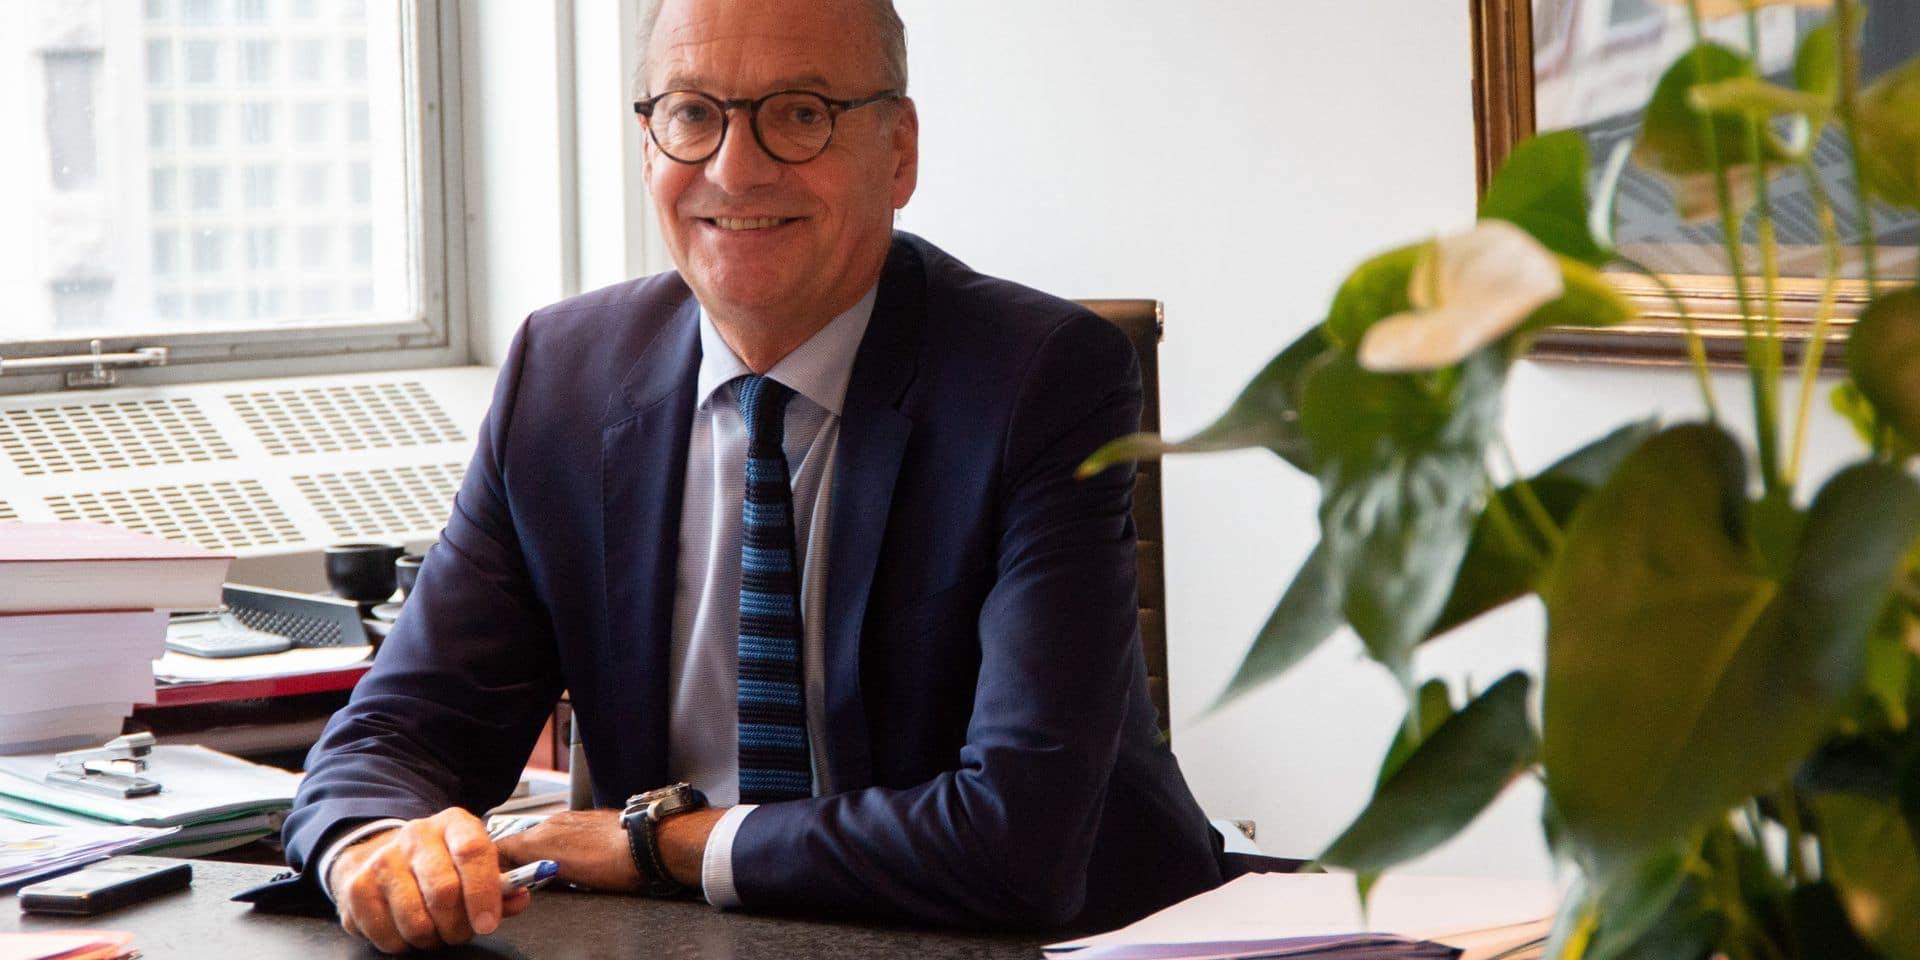 """""""On craint un tsunami de faillites"""": les avocats de Charleroi se mobilisent pour offrir des conseils juridiques gratuits aux entreprises carolos"""